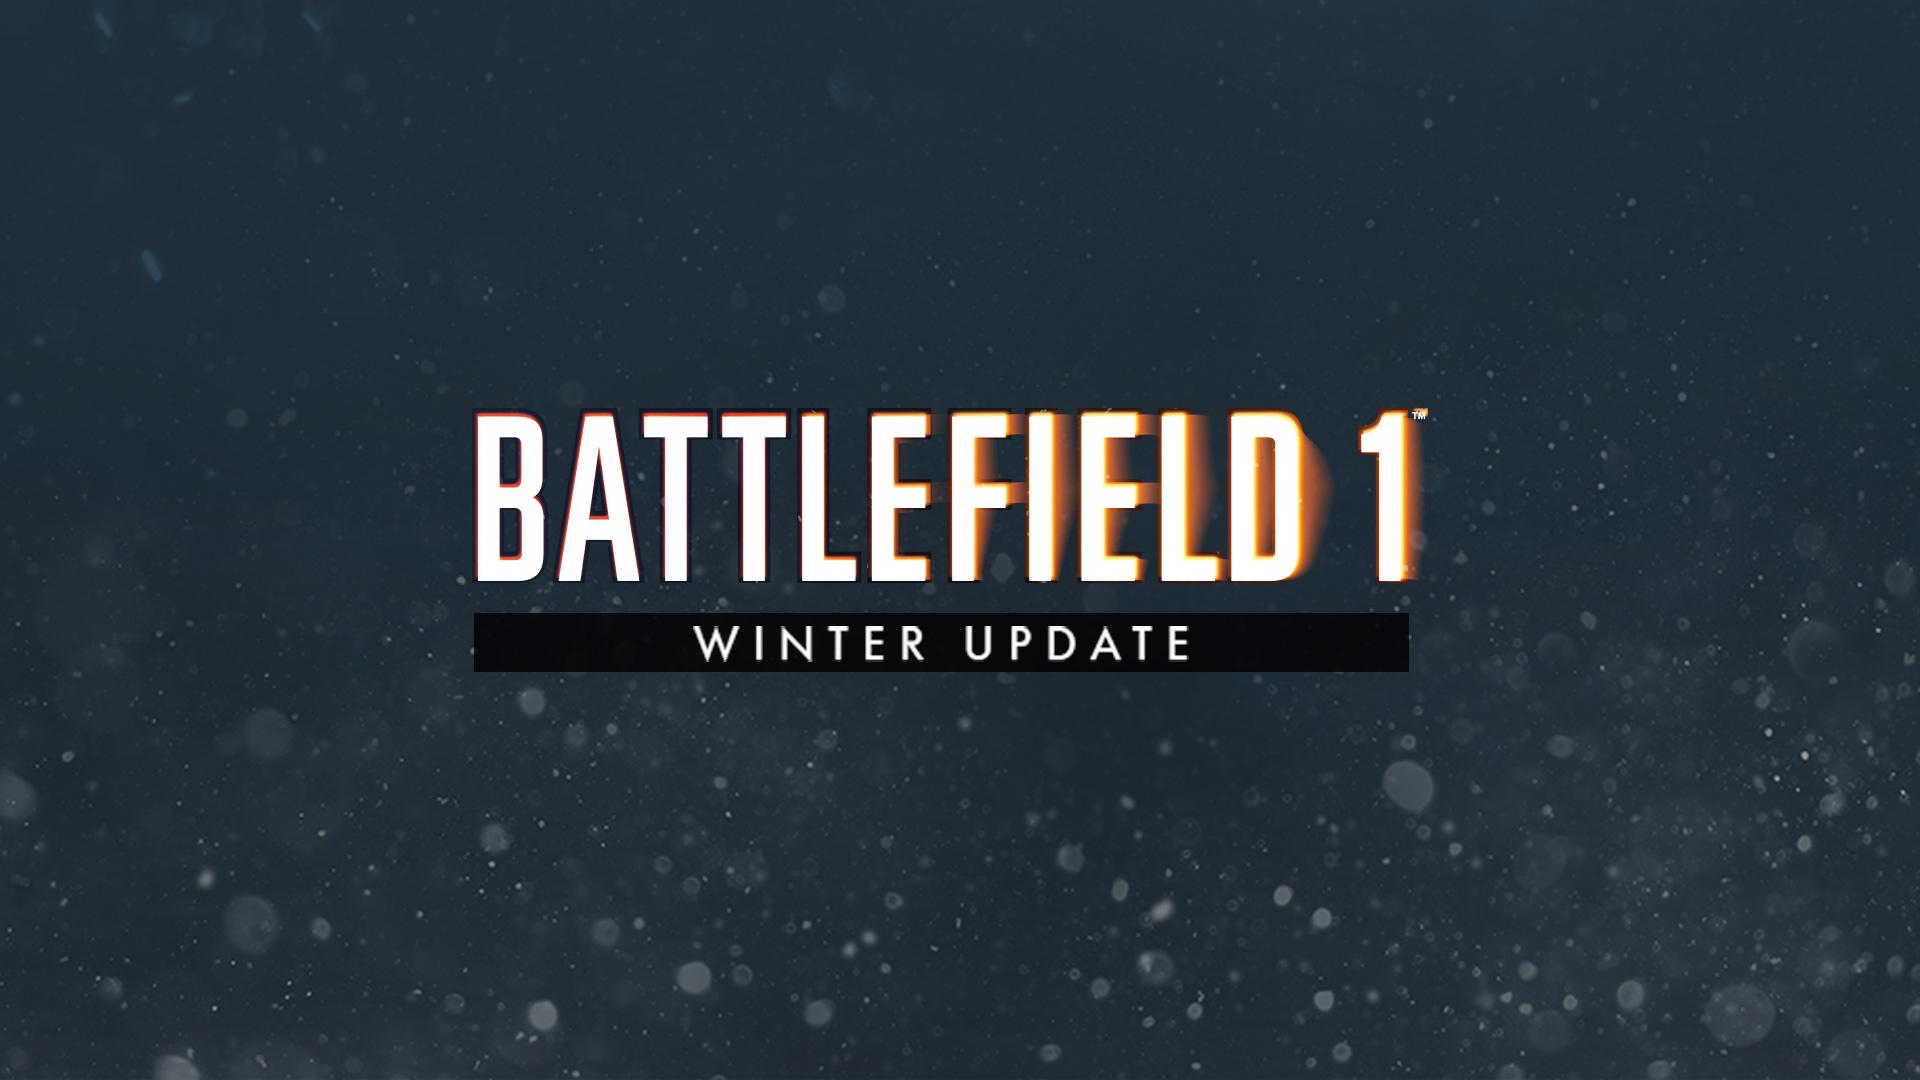 Vinter-oppdateringen til Battlefield 1 er her.